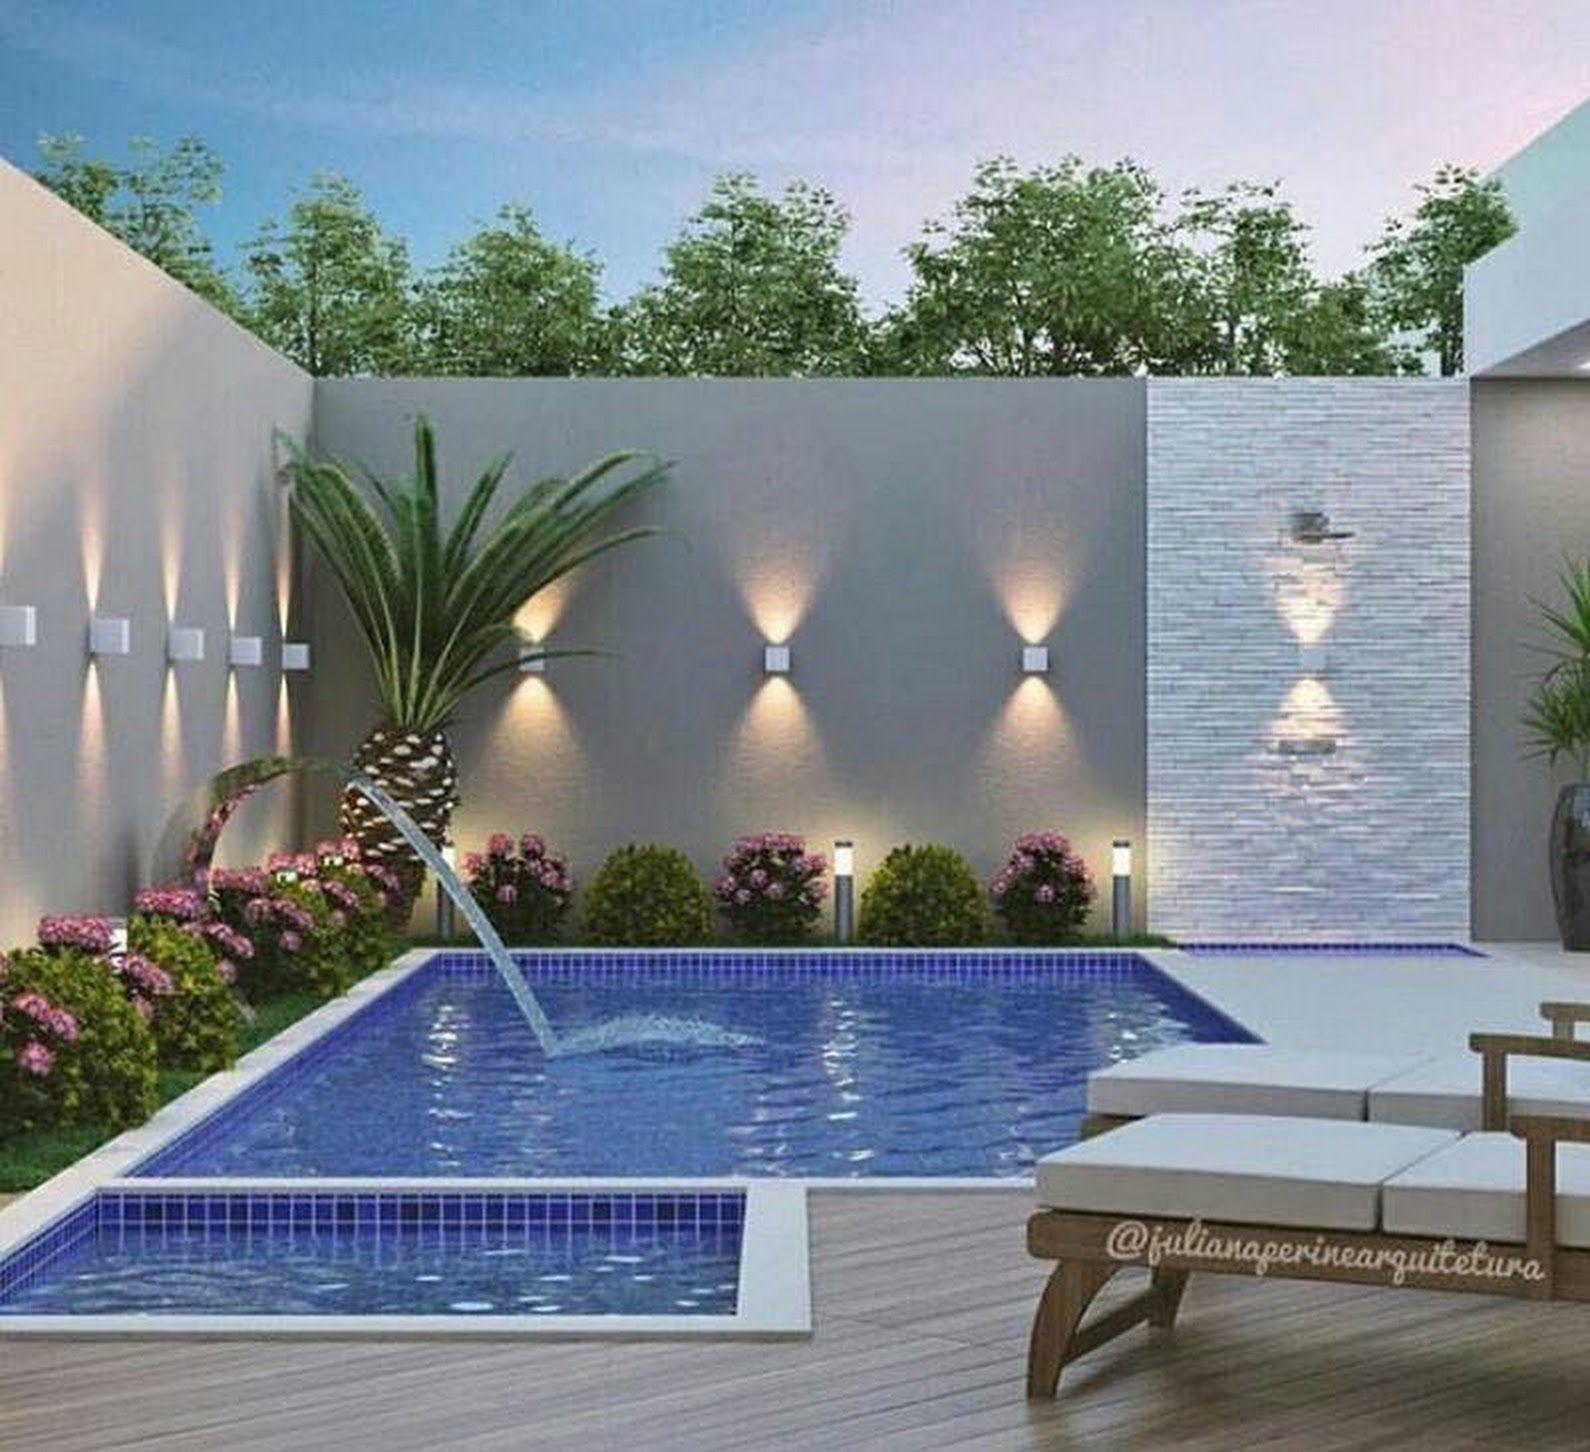 Foto raf dekor pinterest pool im garten garten und haus for Dekor garten pool